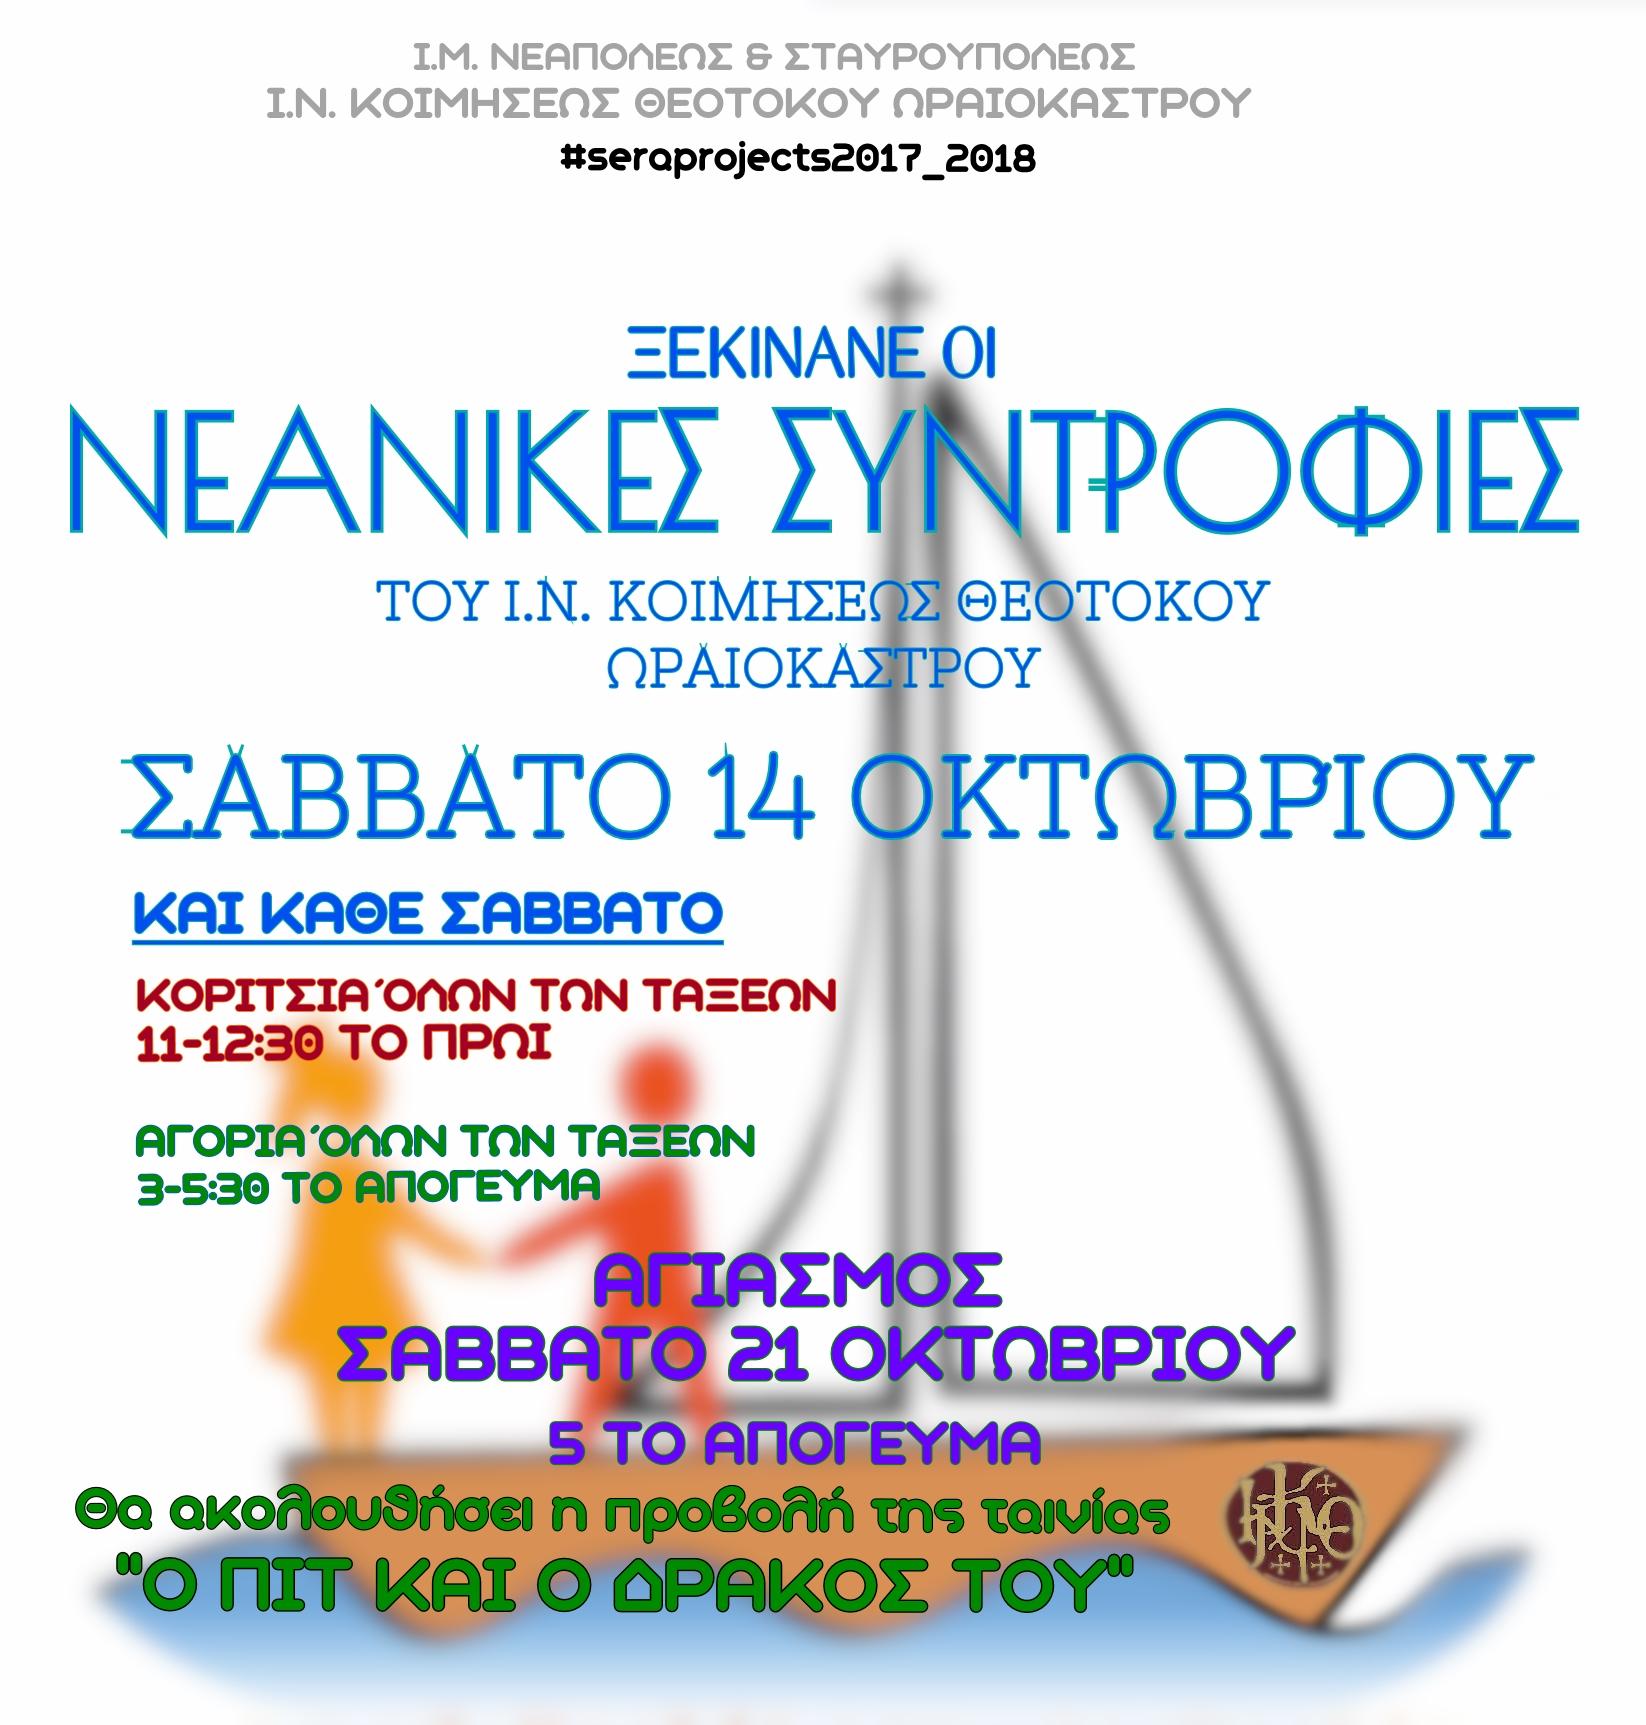 ΝΕΑΝΙΚΕΣ ΣΥΝΤΡΟΦΙΕΣ 2017